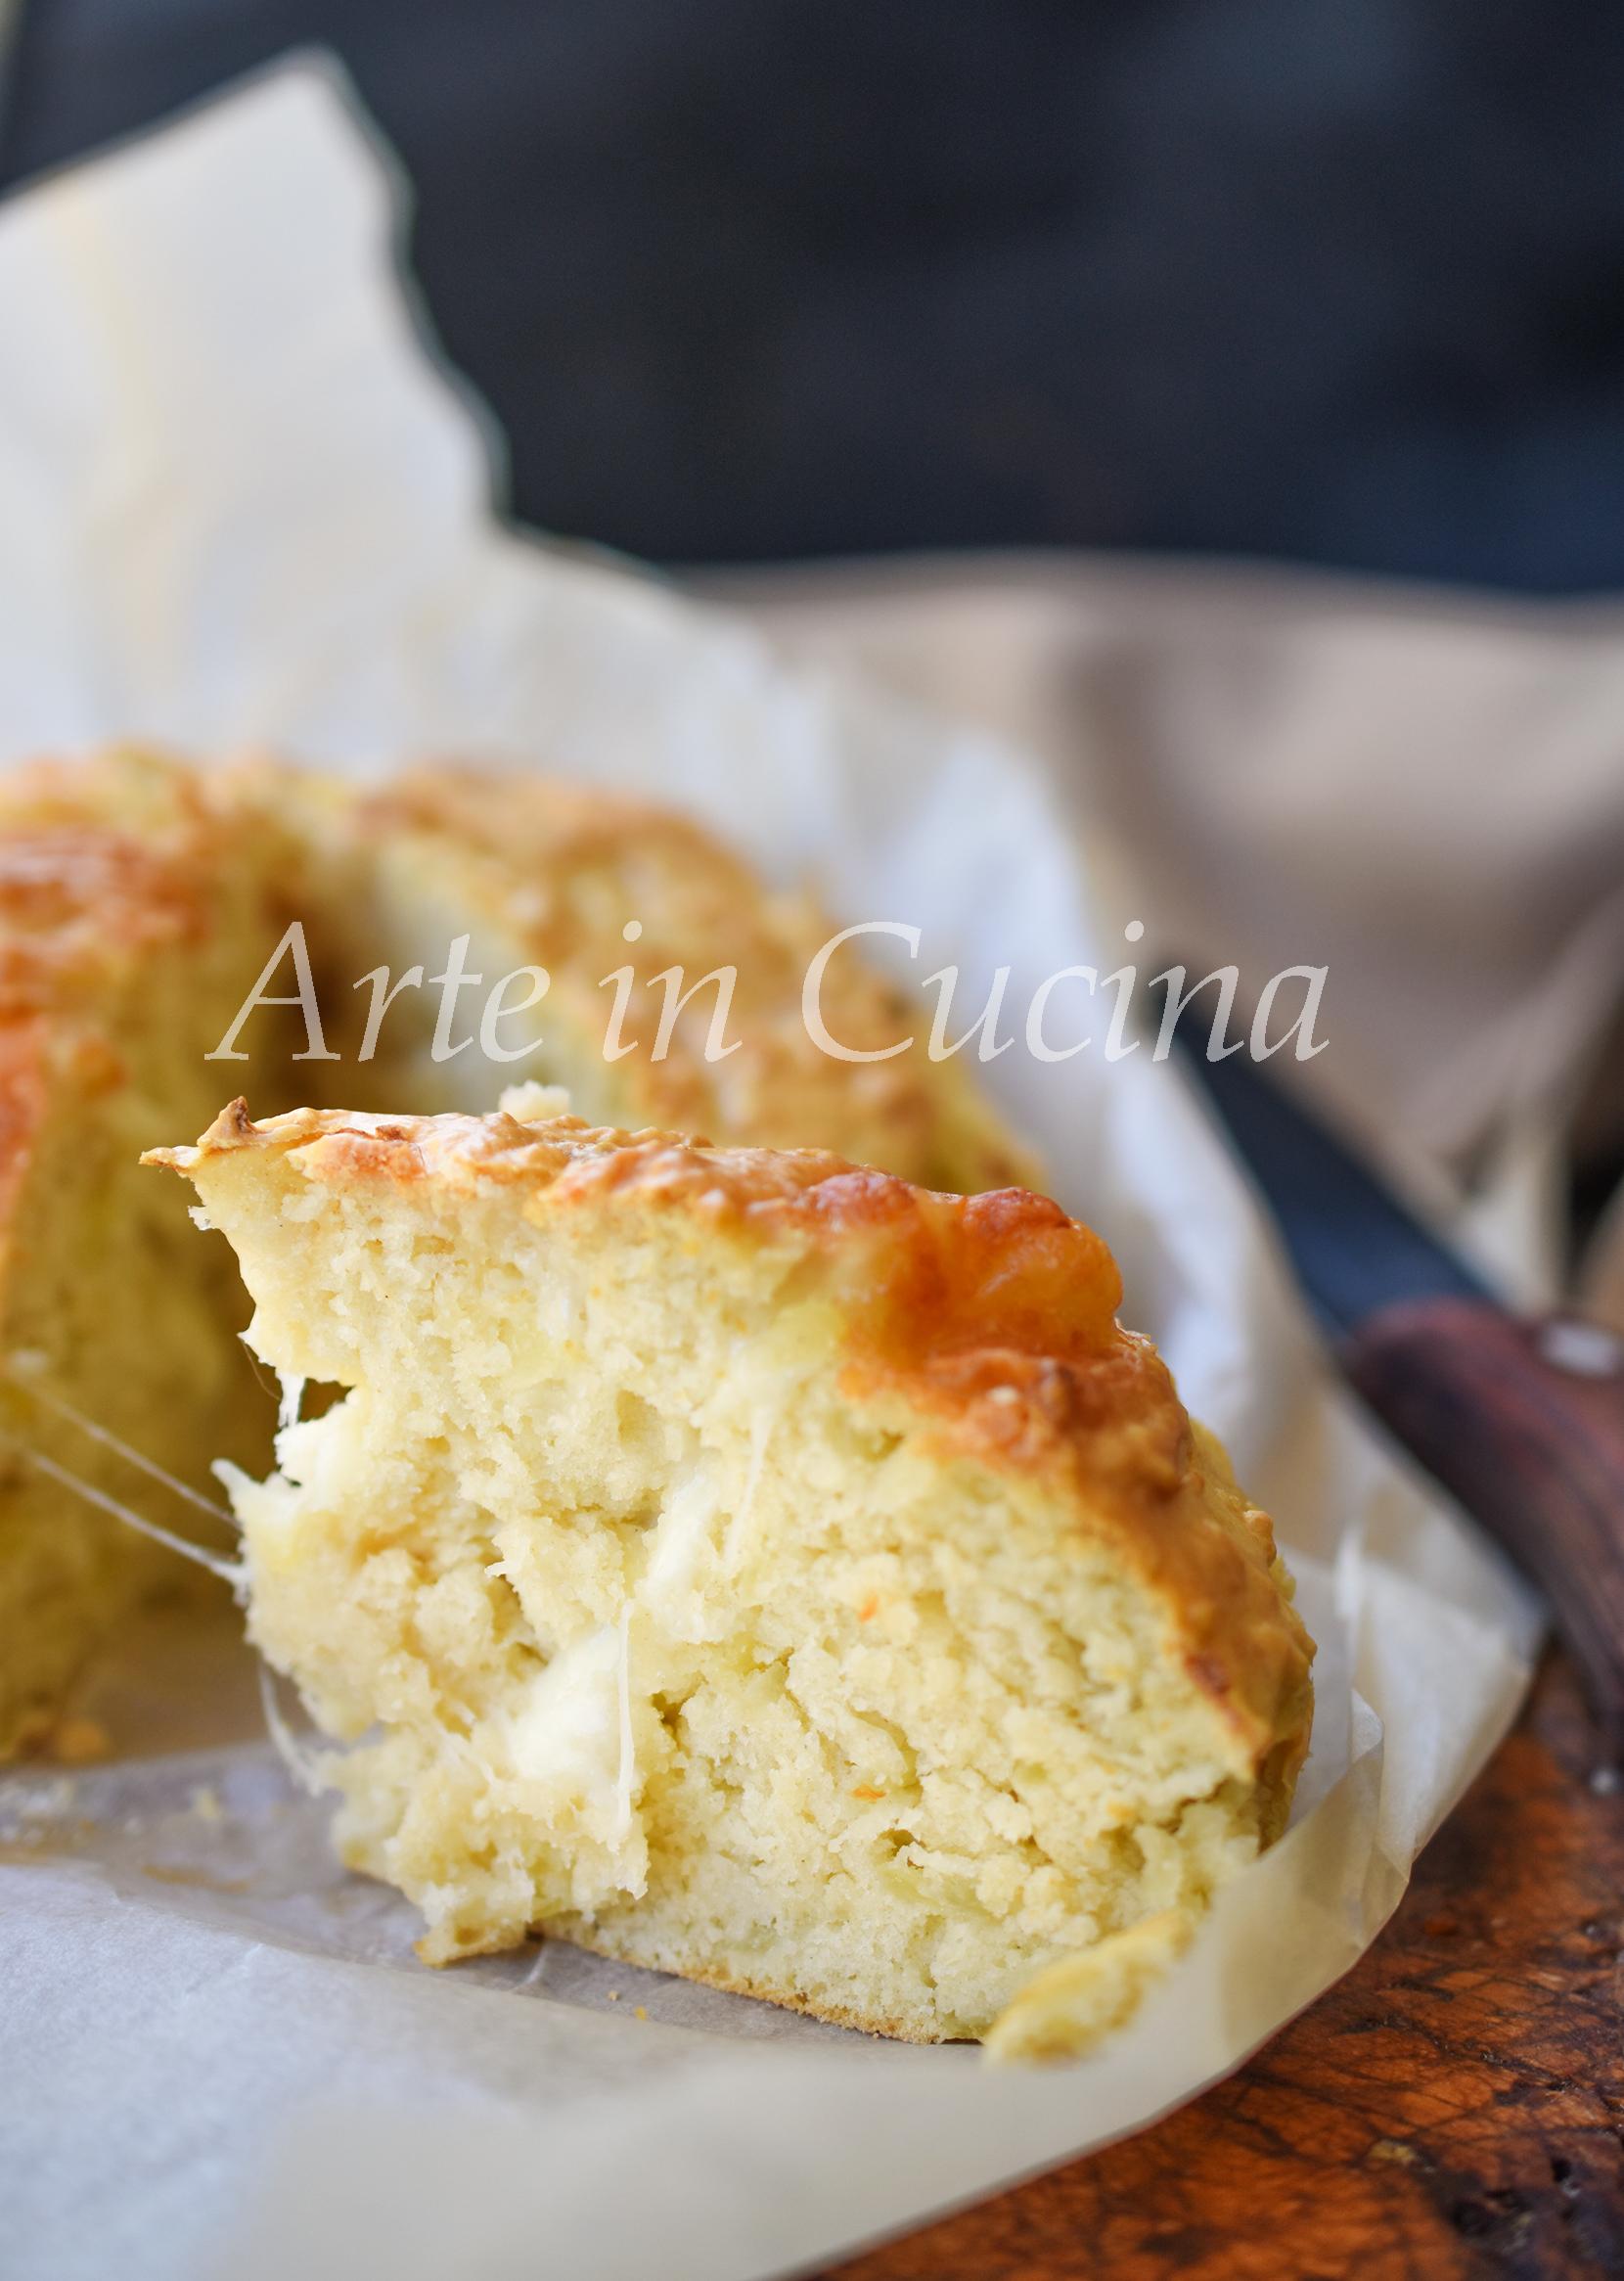 Torta salata con albumi farcita con patate ricetta veloce vickyart arte in cucina